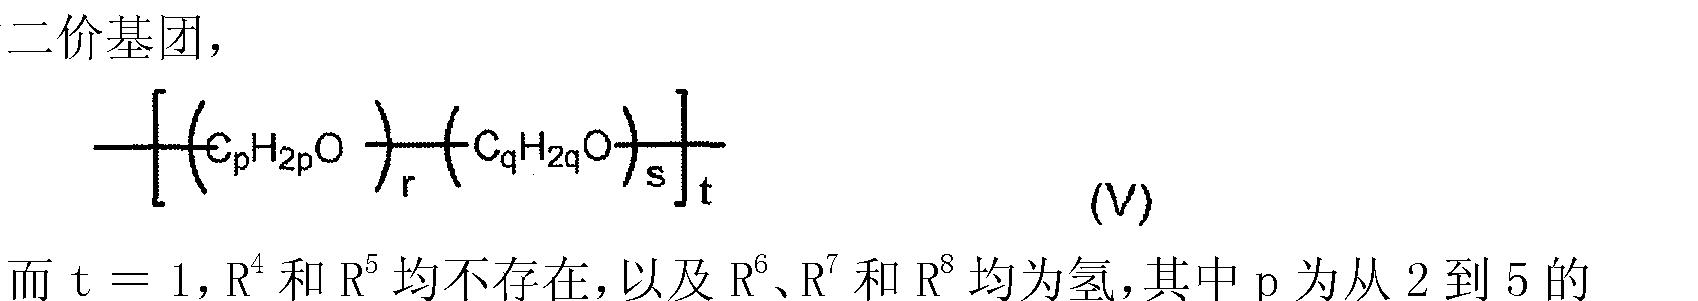 Figure CN101466538BC00082